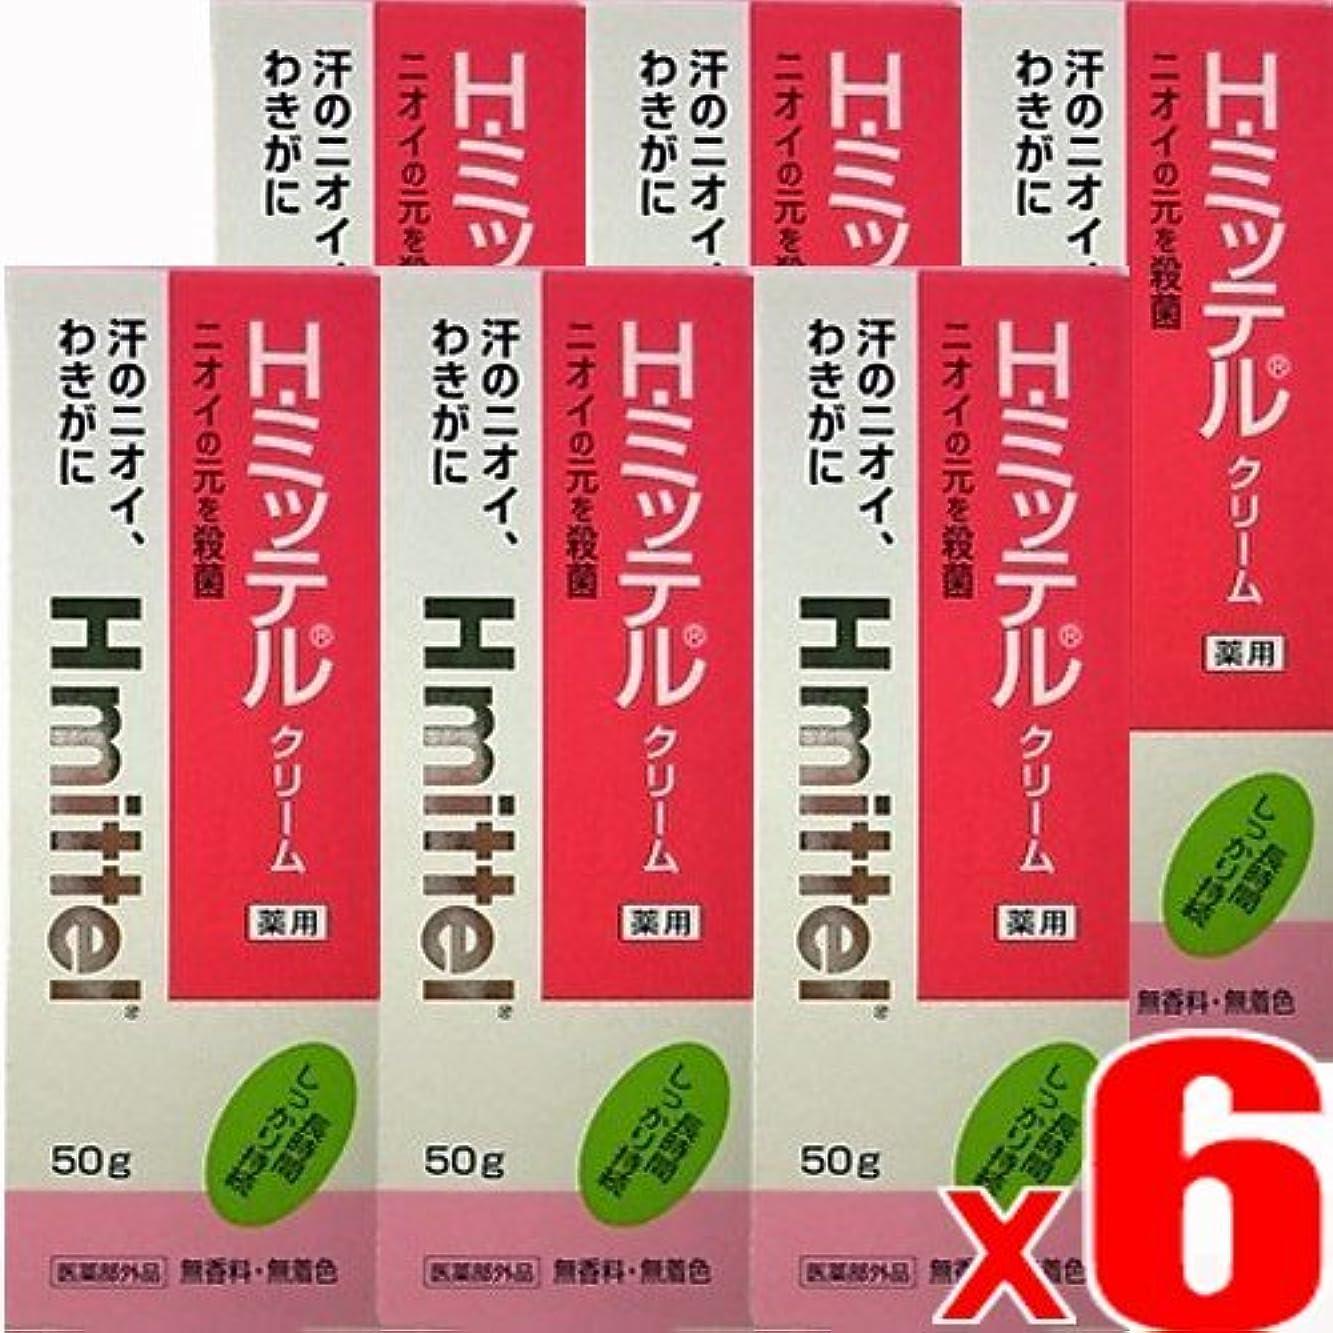 タッチスーパーマーケット悲惨な【50g x6個】クラシエ Hミッテル クリーム 50gx6個 (4987045055850-6)